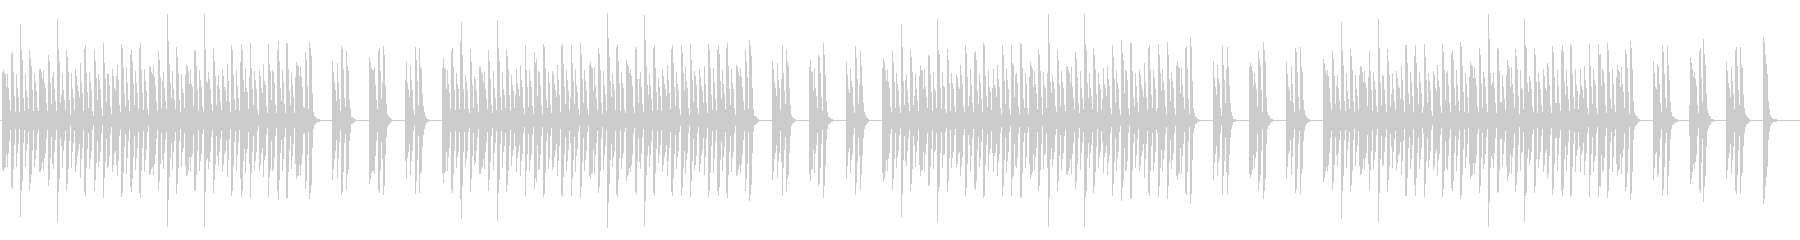 邪魔しないシンプルなピアノのみの未再生の波形